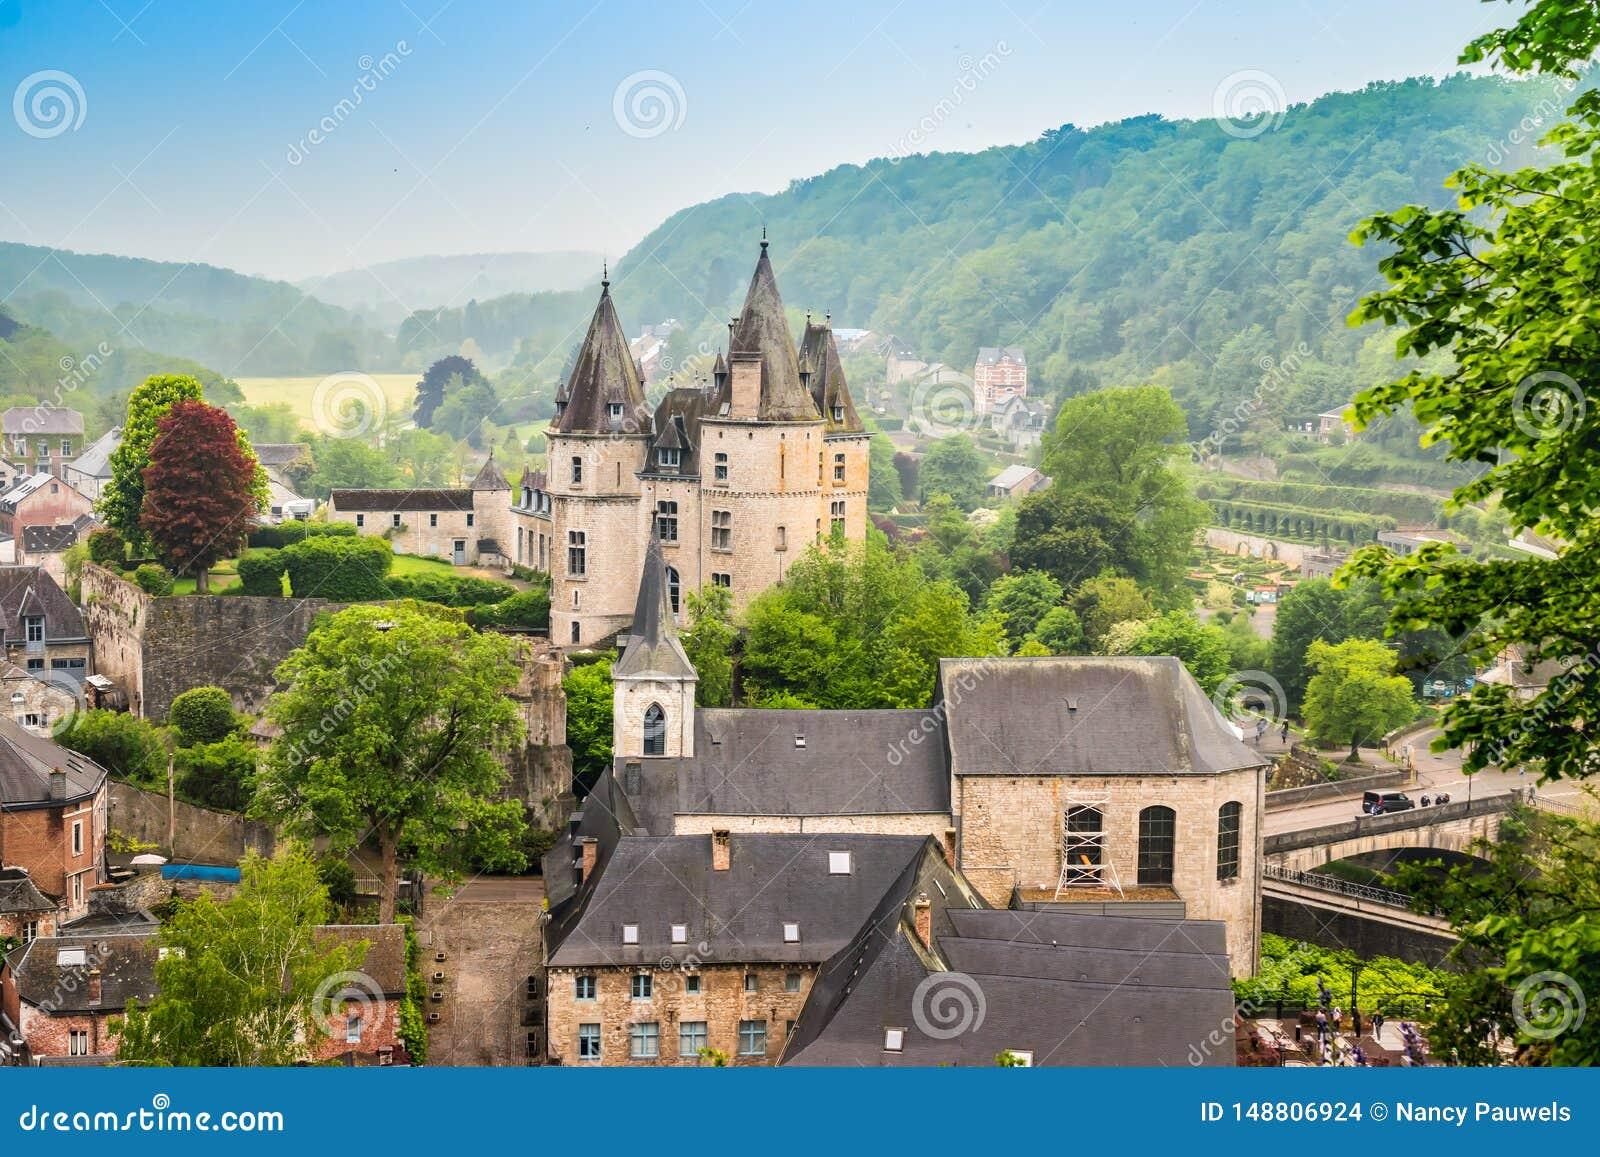 Durbuy, Walloon город в бельгийской провинции Люксембурга Красивый средневековый замок в центре города